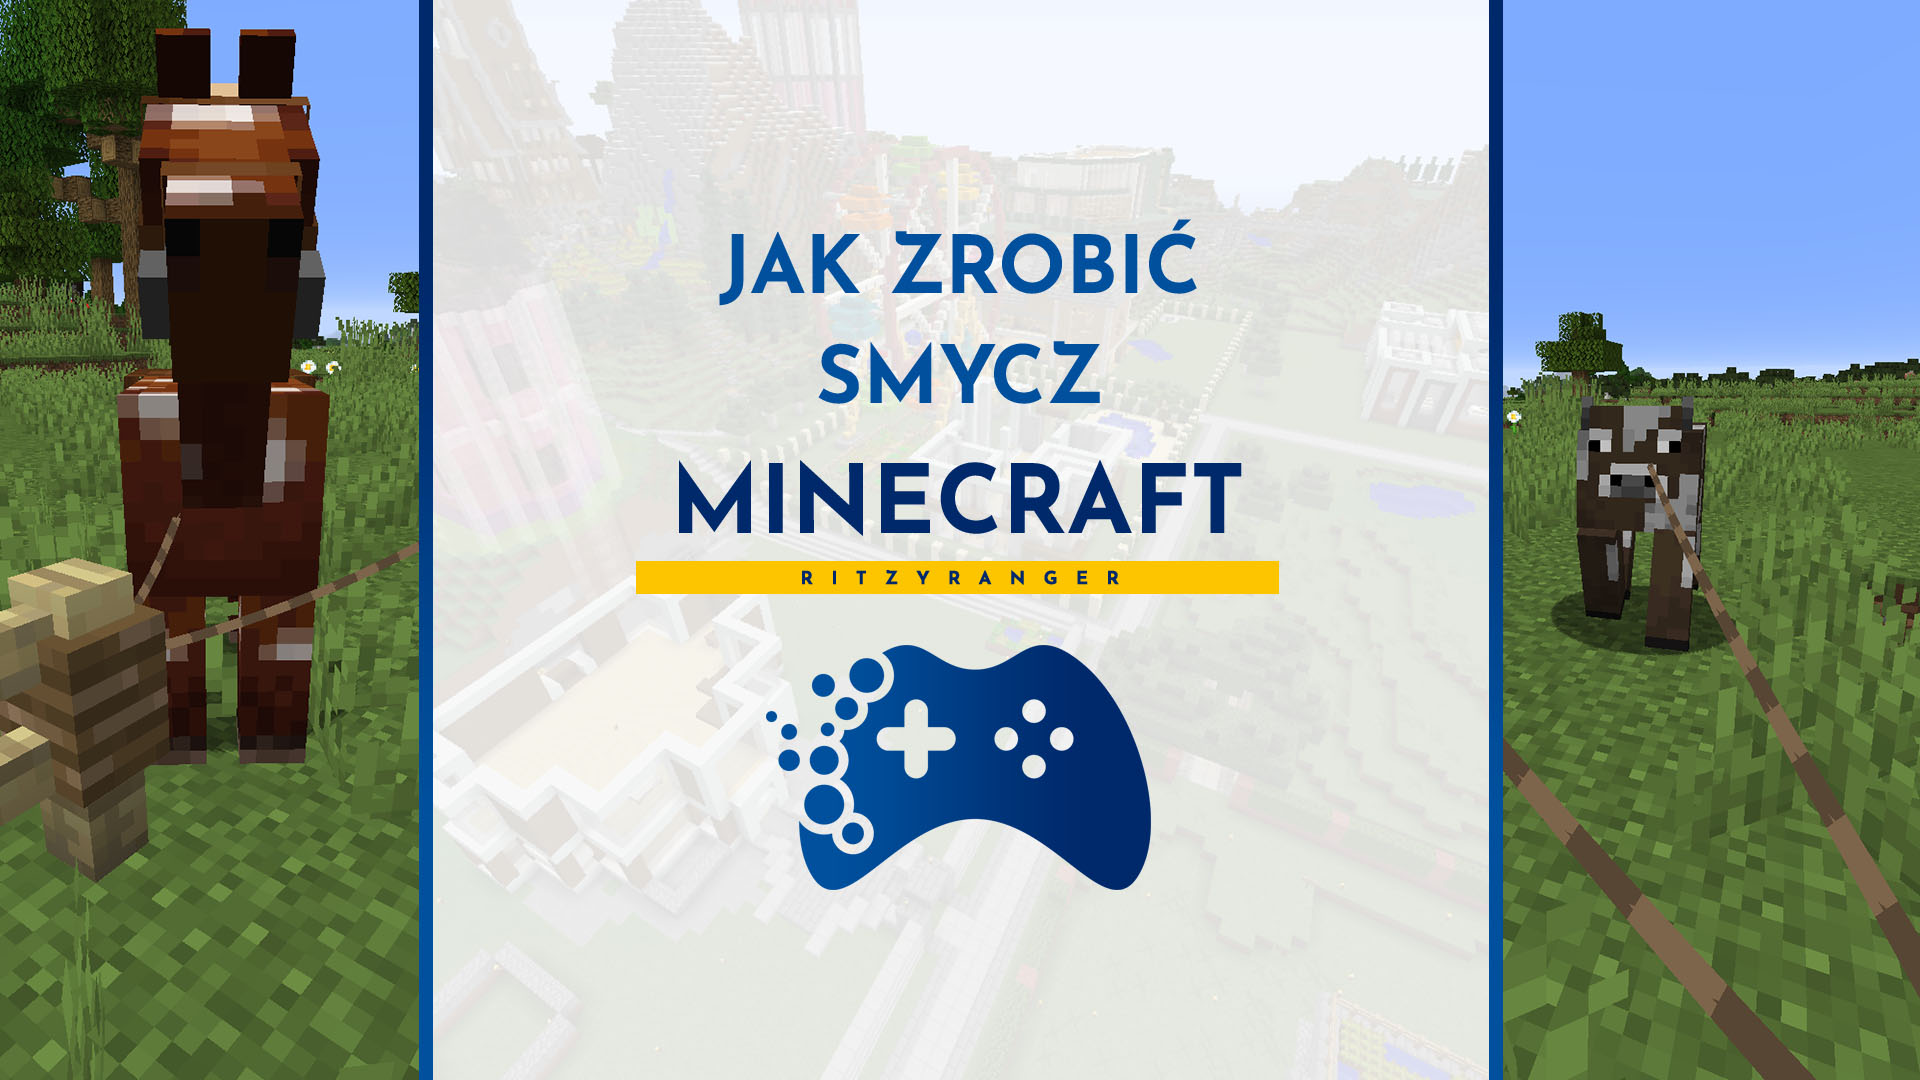 Jak zrobić smycz w Minecraft?